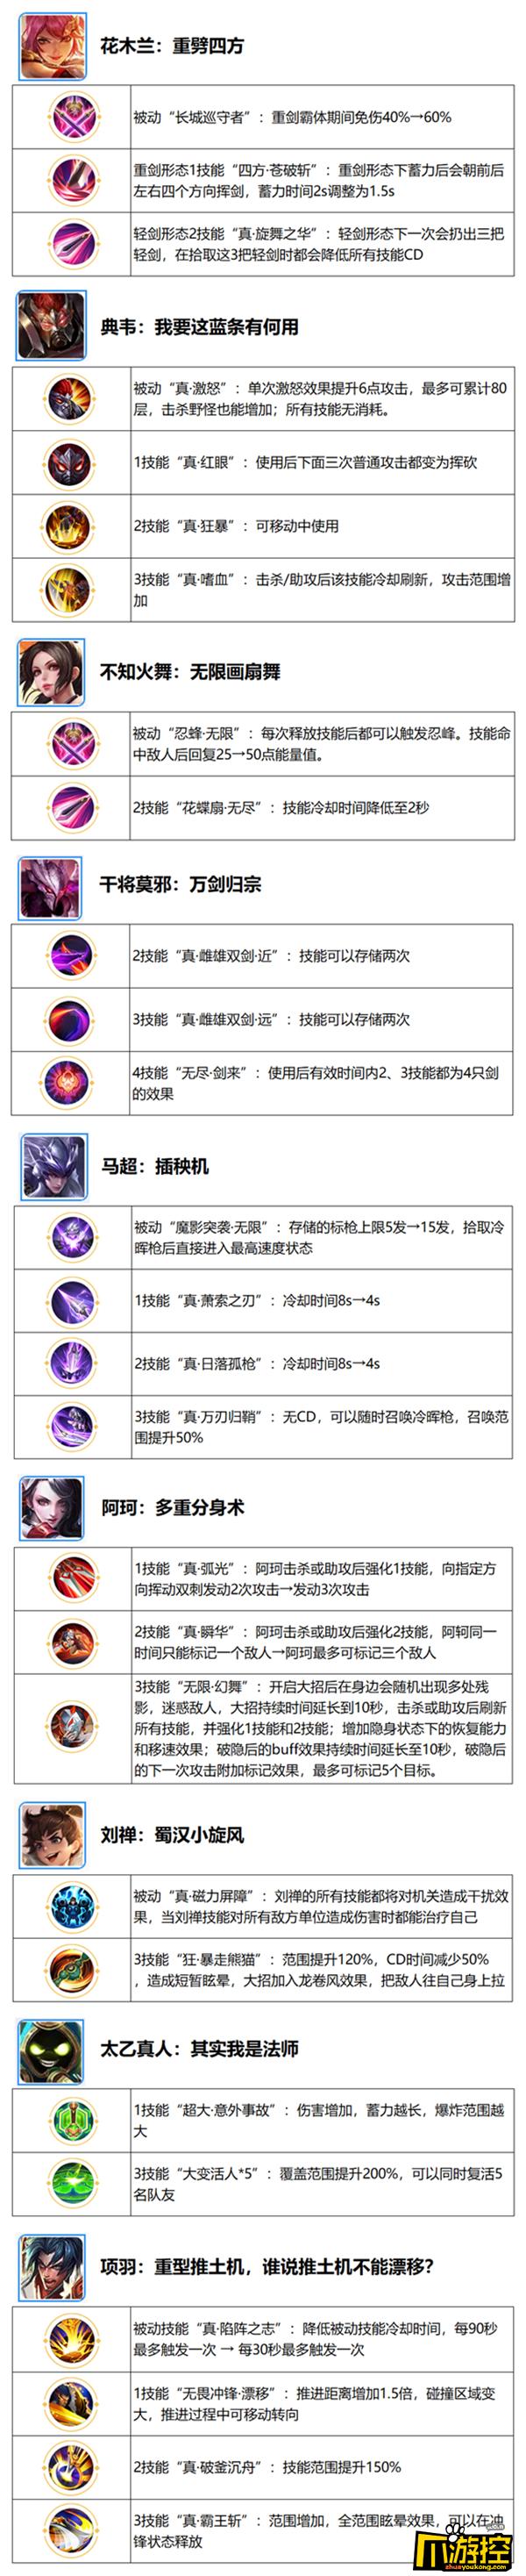 王者荣耀六周年庆觉醒之战新增英雄汇总1.png